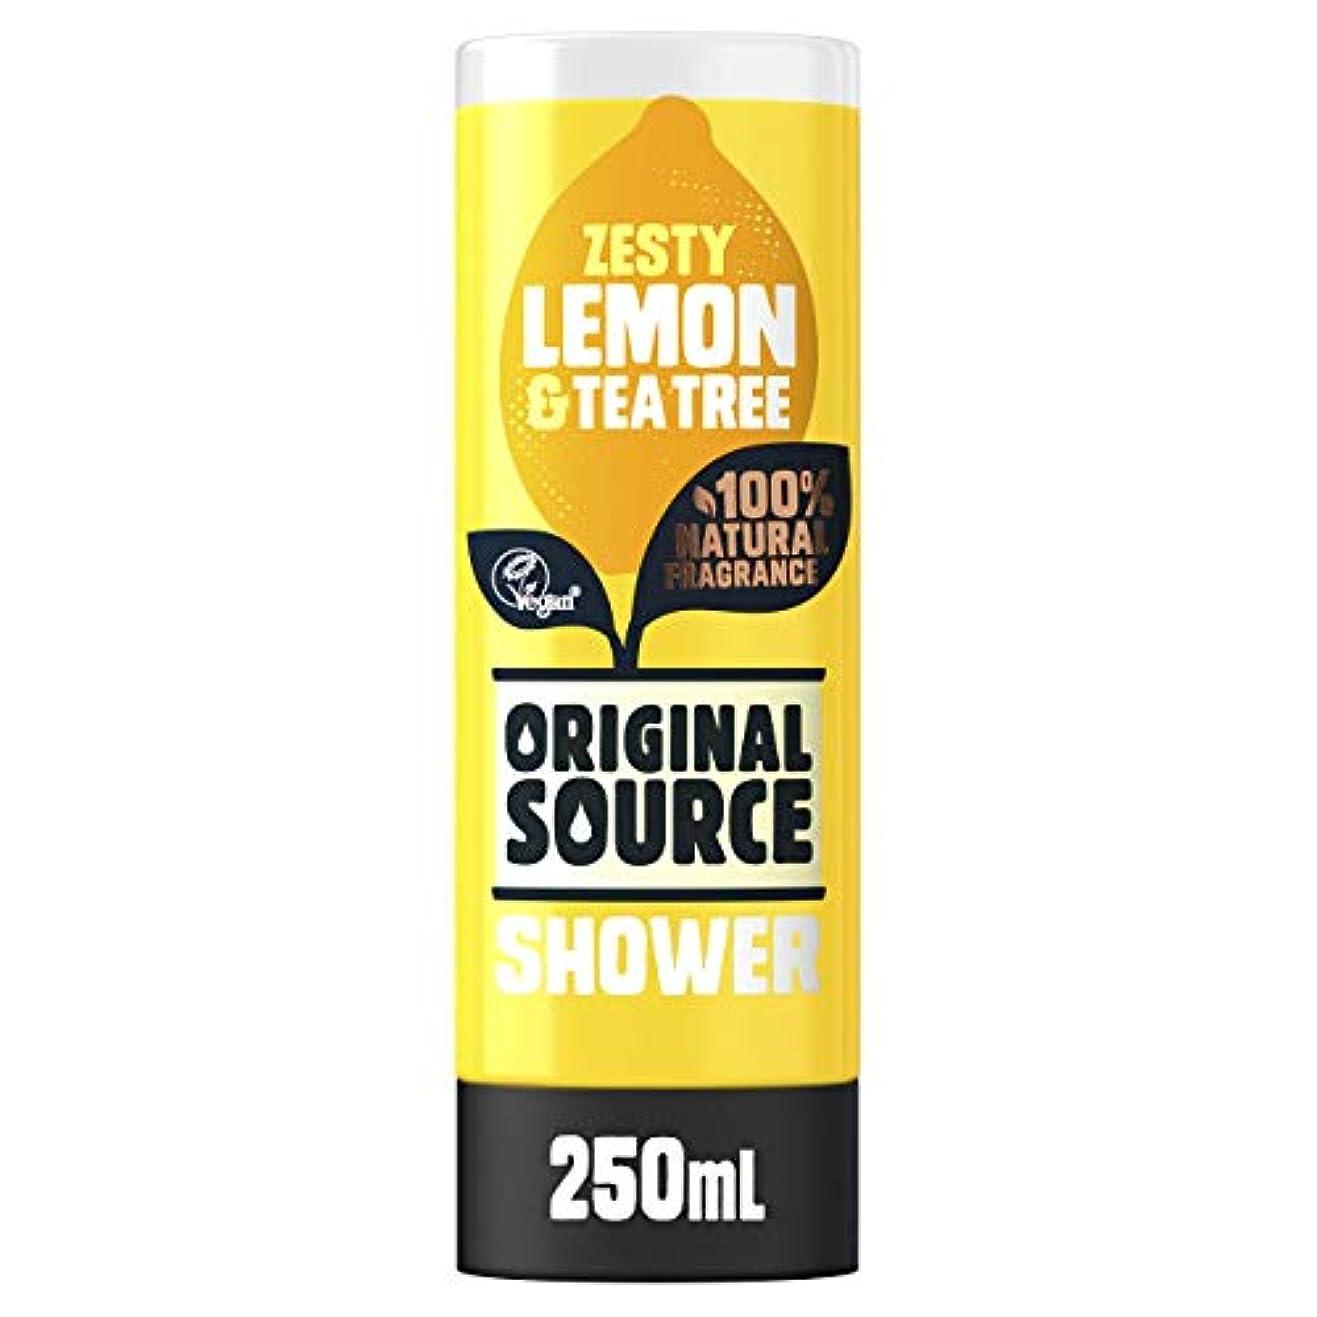 旅行代理店ホバート畝間Cussons Lemon and Tea Tree Original Source Shower Gel by PZ CUSSONS (UK) LTD